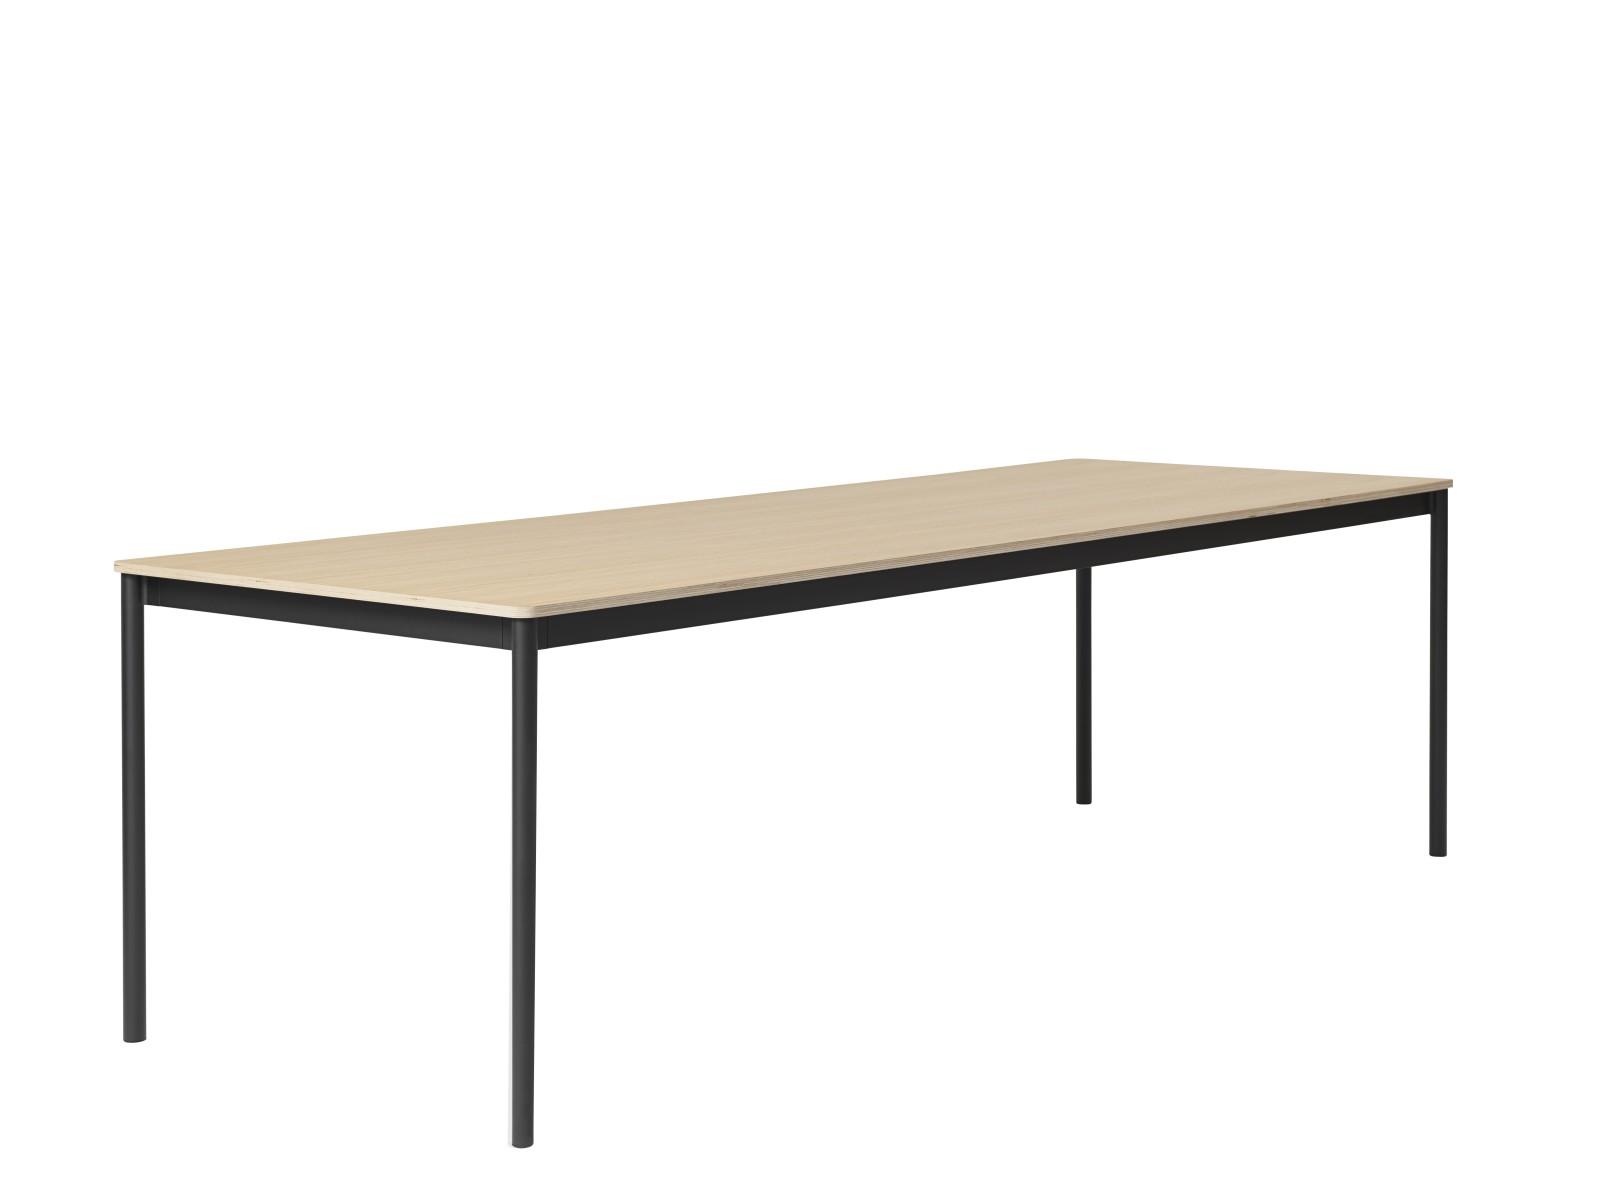 Base Long Rectangular Table 250 x 110, Laminate - Plywood edges